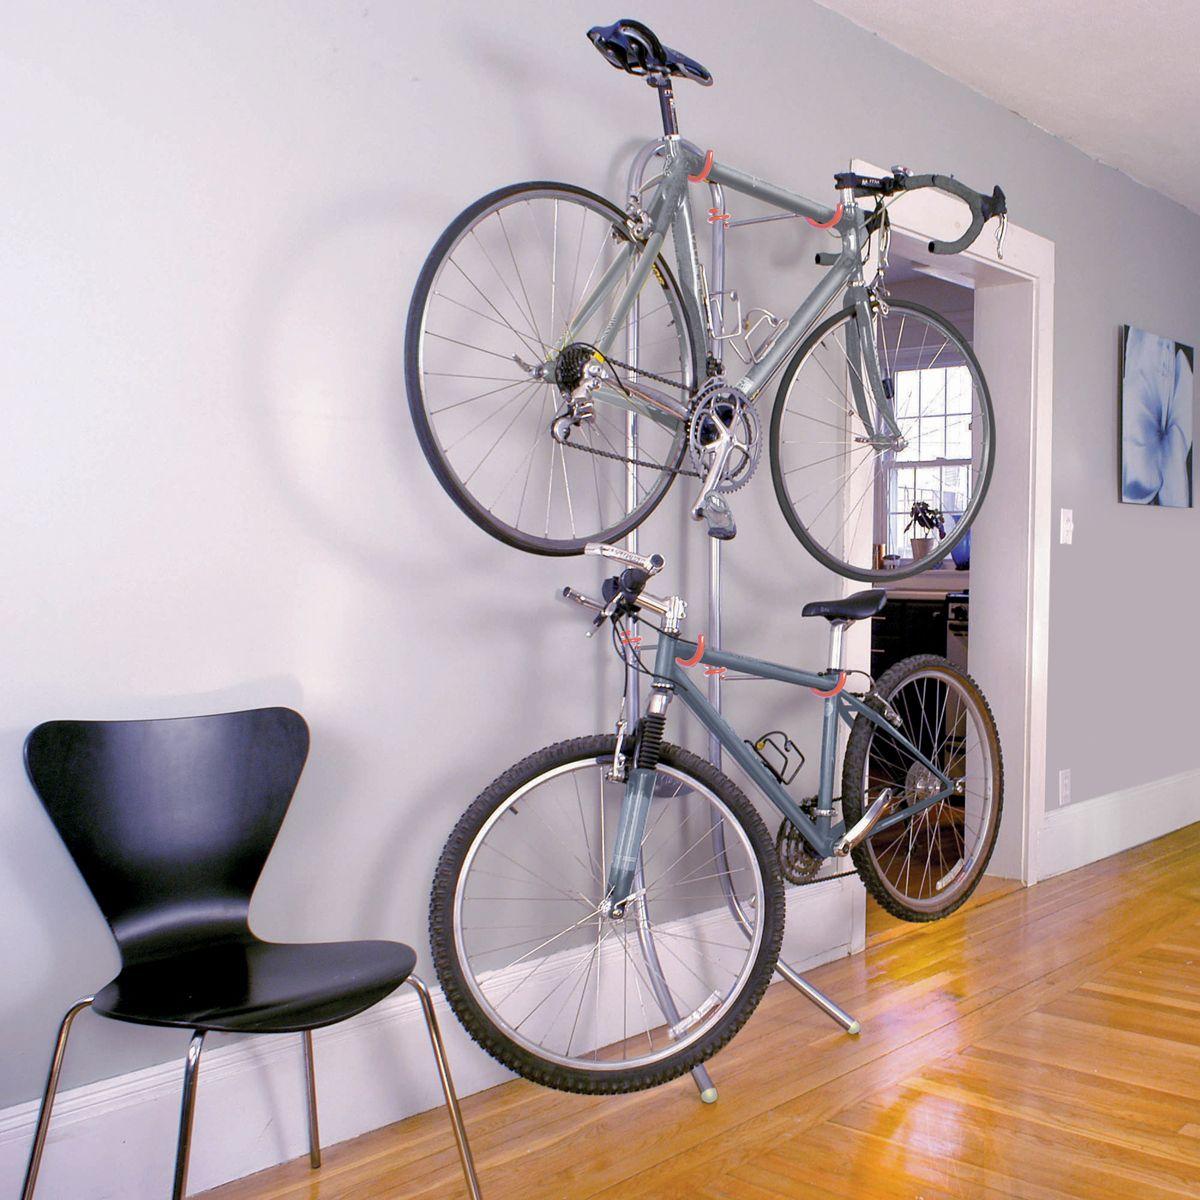 условия для хранения велосипеда